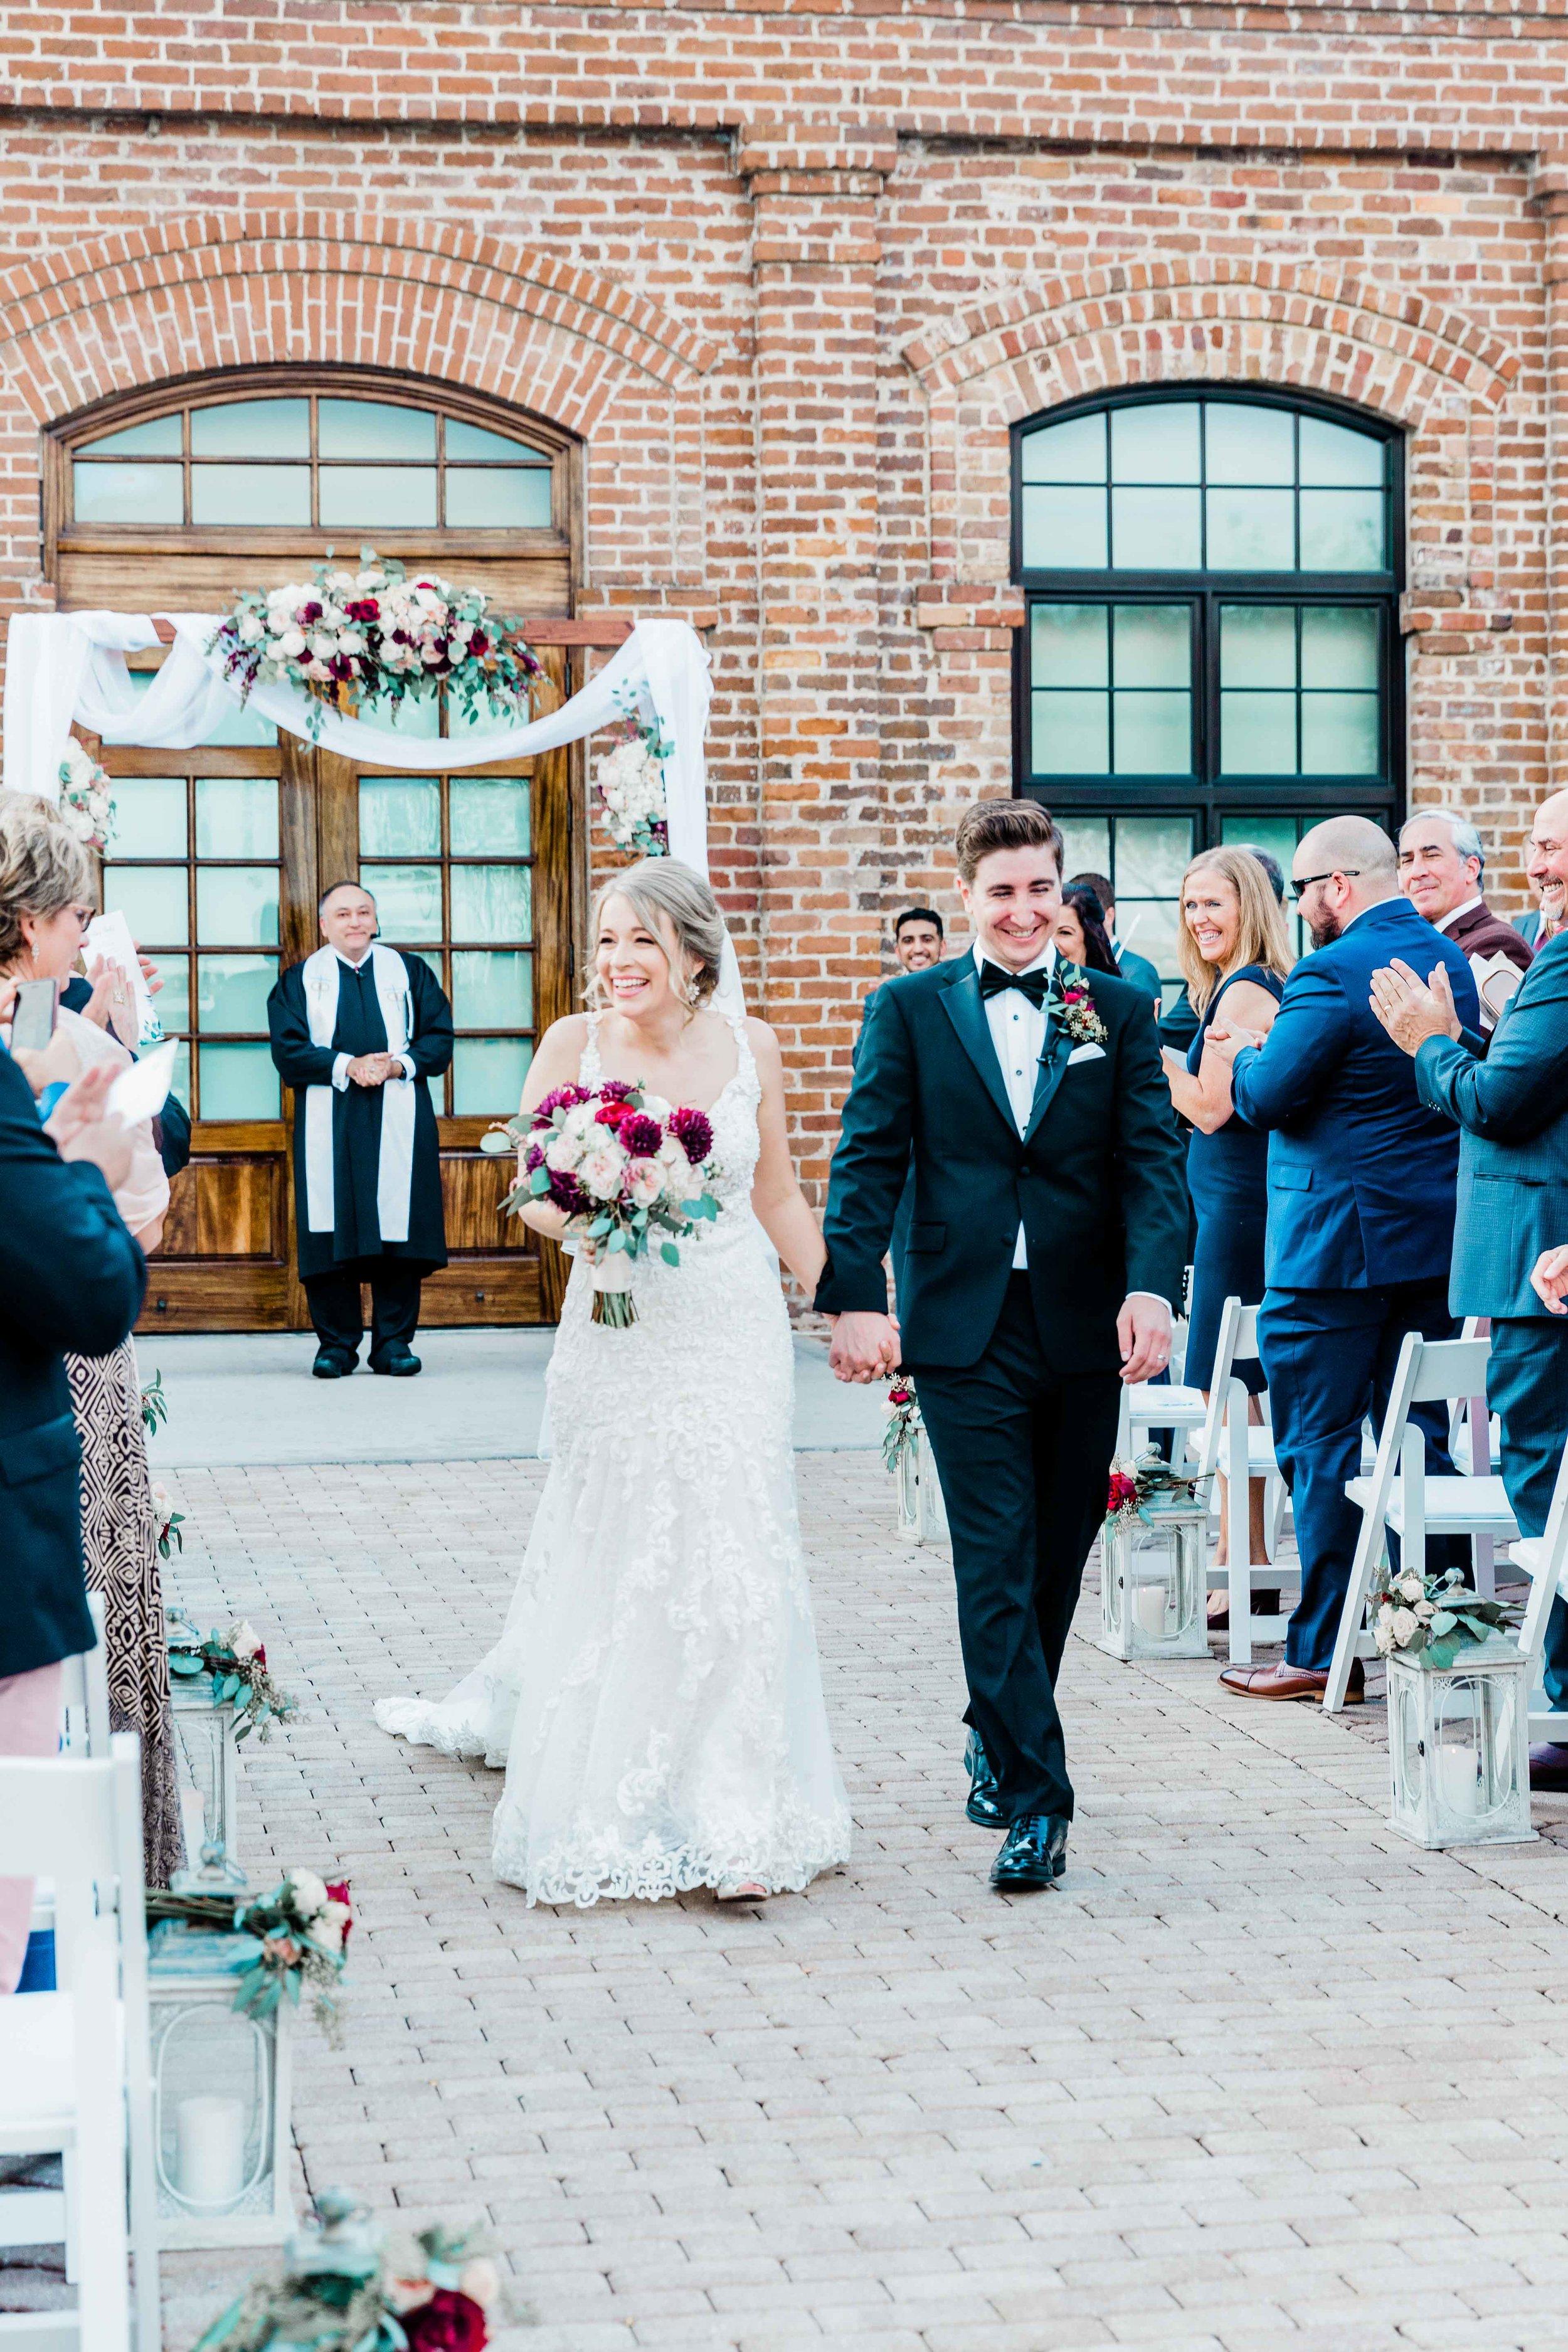 20181109Georgia-Savannah-savannah wedding photography26.jpg